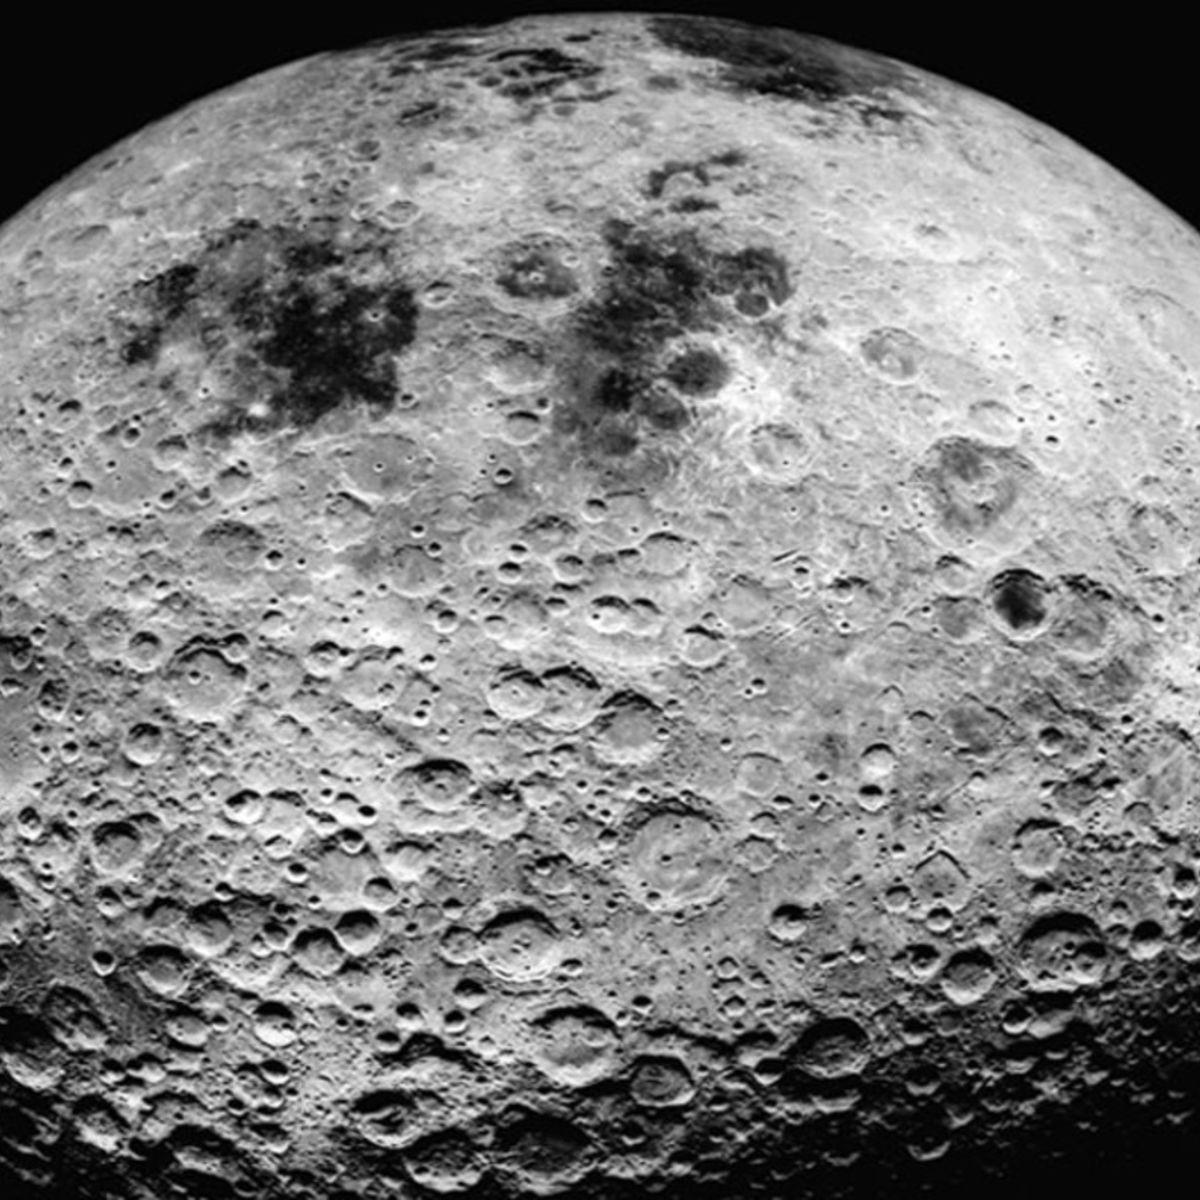 moon_far_side_teaser.jpg